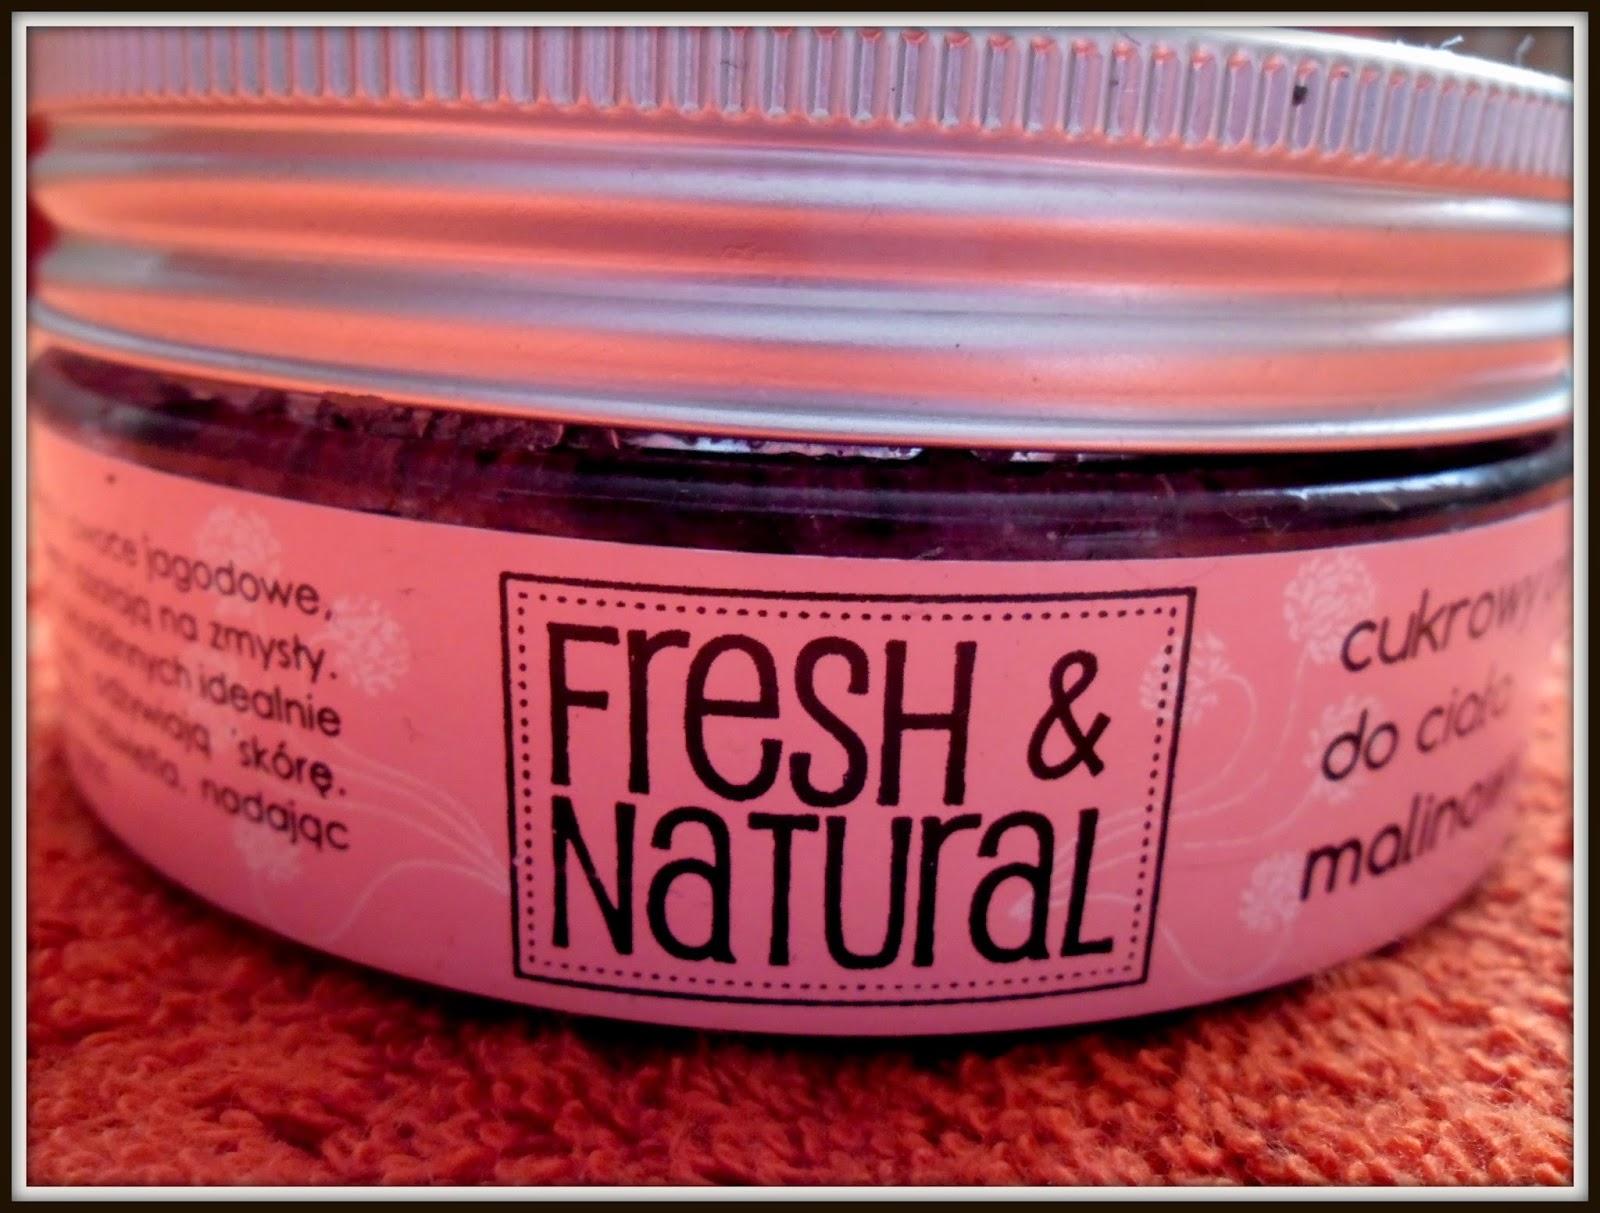 Odżywienie i oczyszczenie z peelingiem cukrowym Fresh&Natural - zapraszam na recenzję